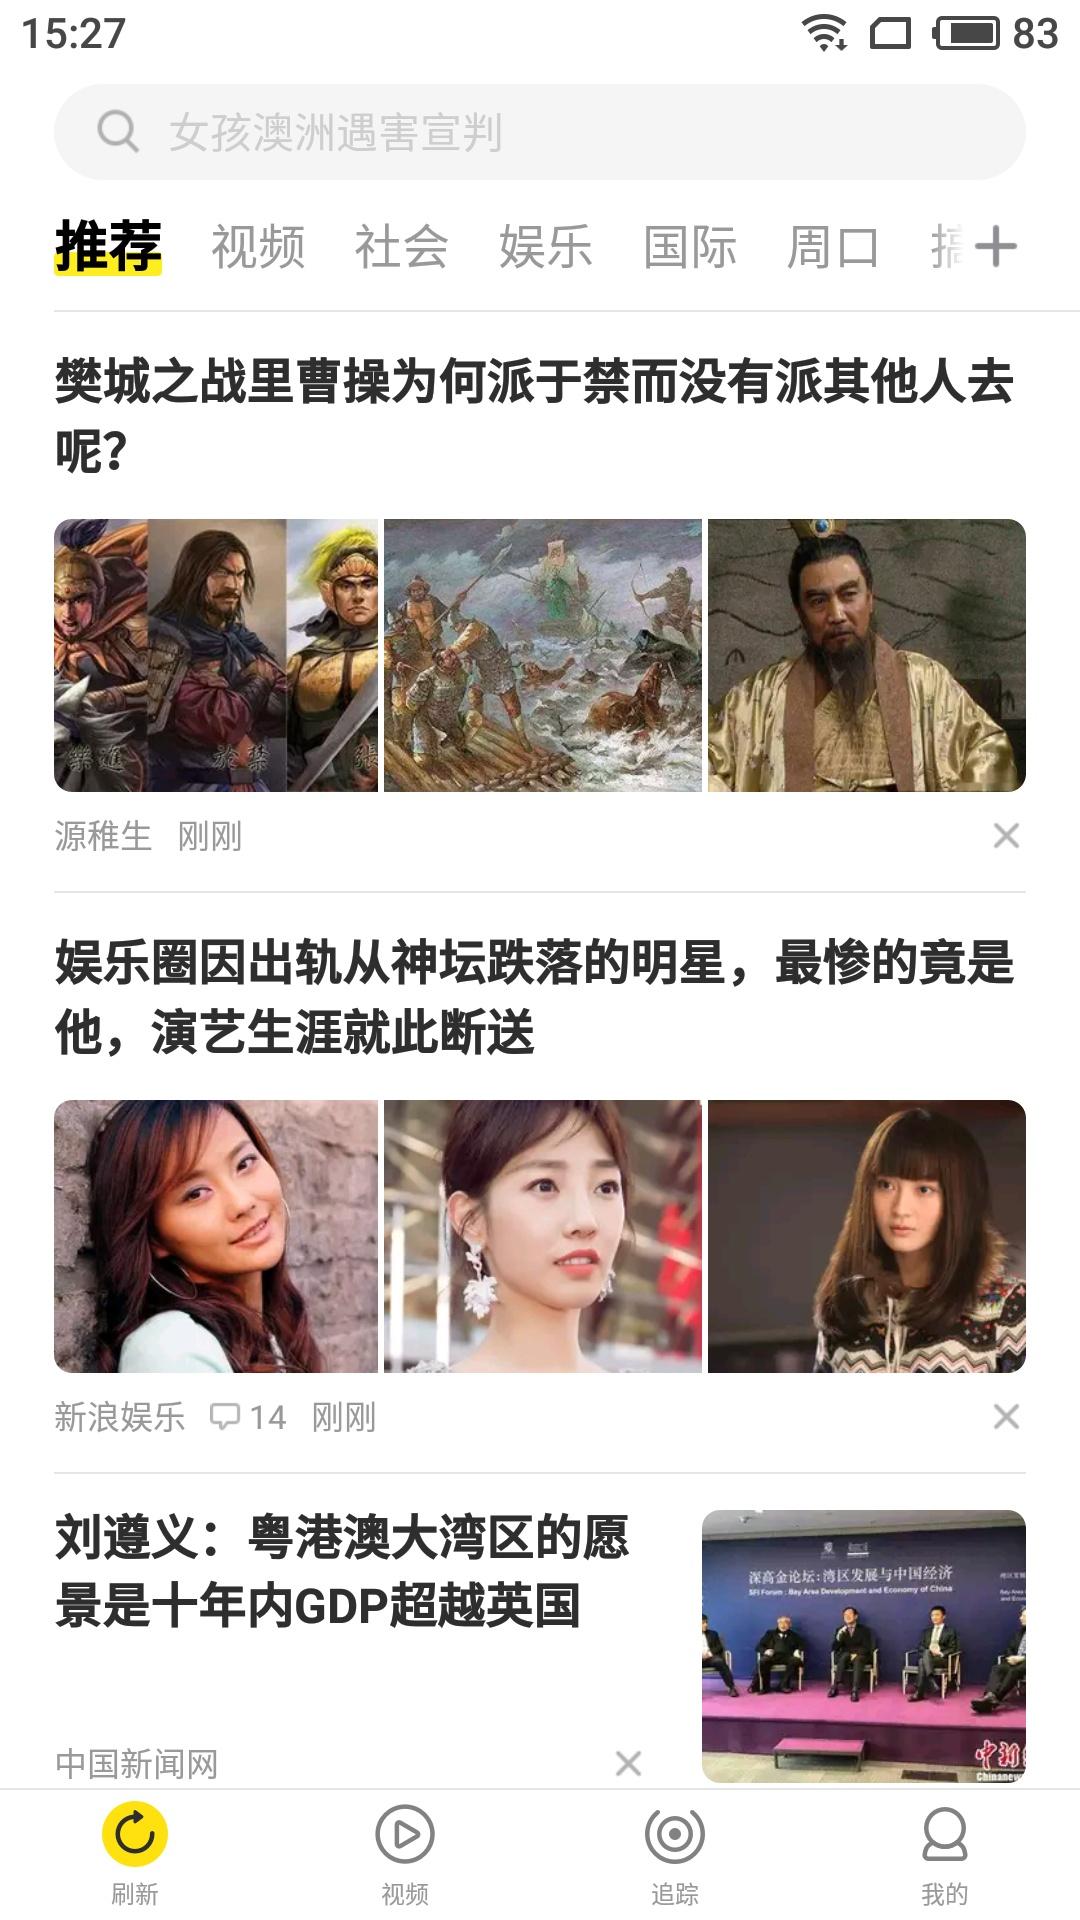 搜狐资讯app看新闻文章赚钱